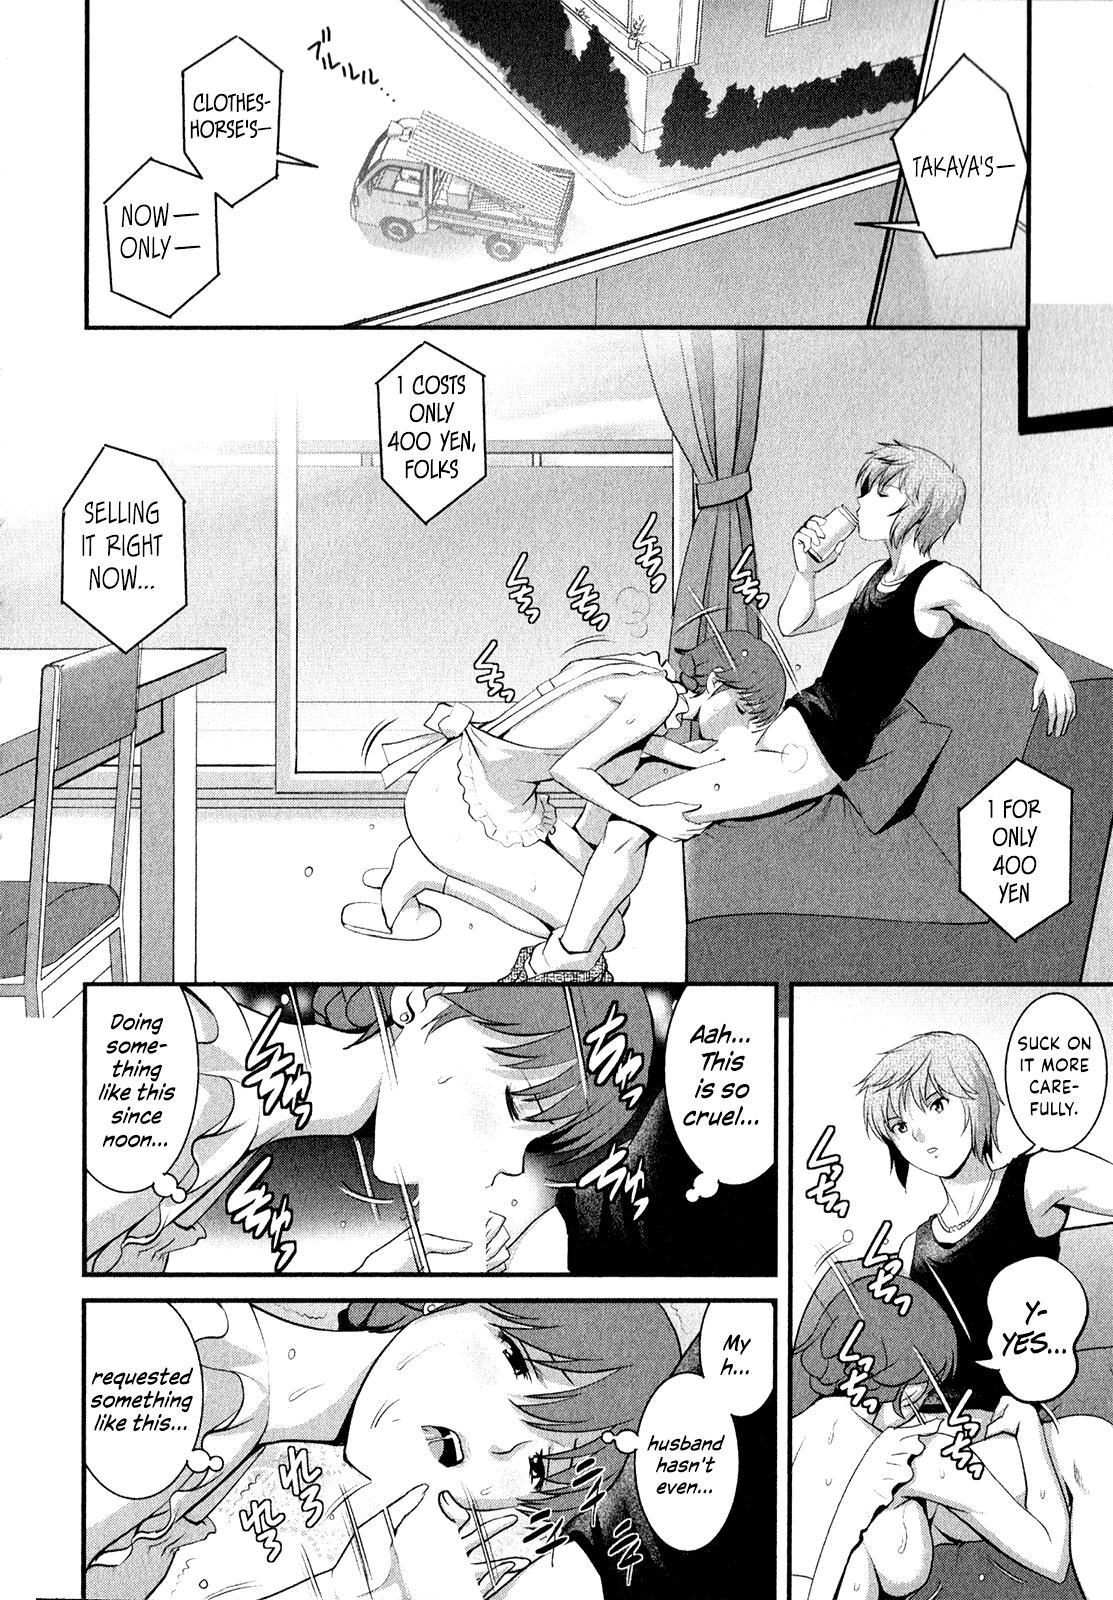 [Saigado] Hitozuma Audrey-san no Himitsu ~30-sai kara no Furyou Tsuma Kouza~ - Vol. 2 [English] {Hennojin} 120